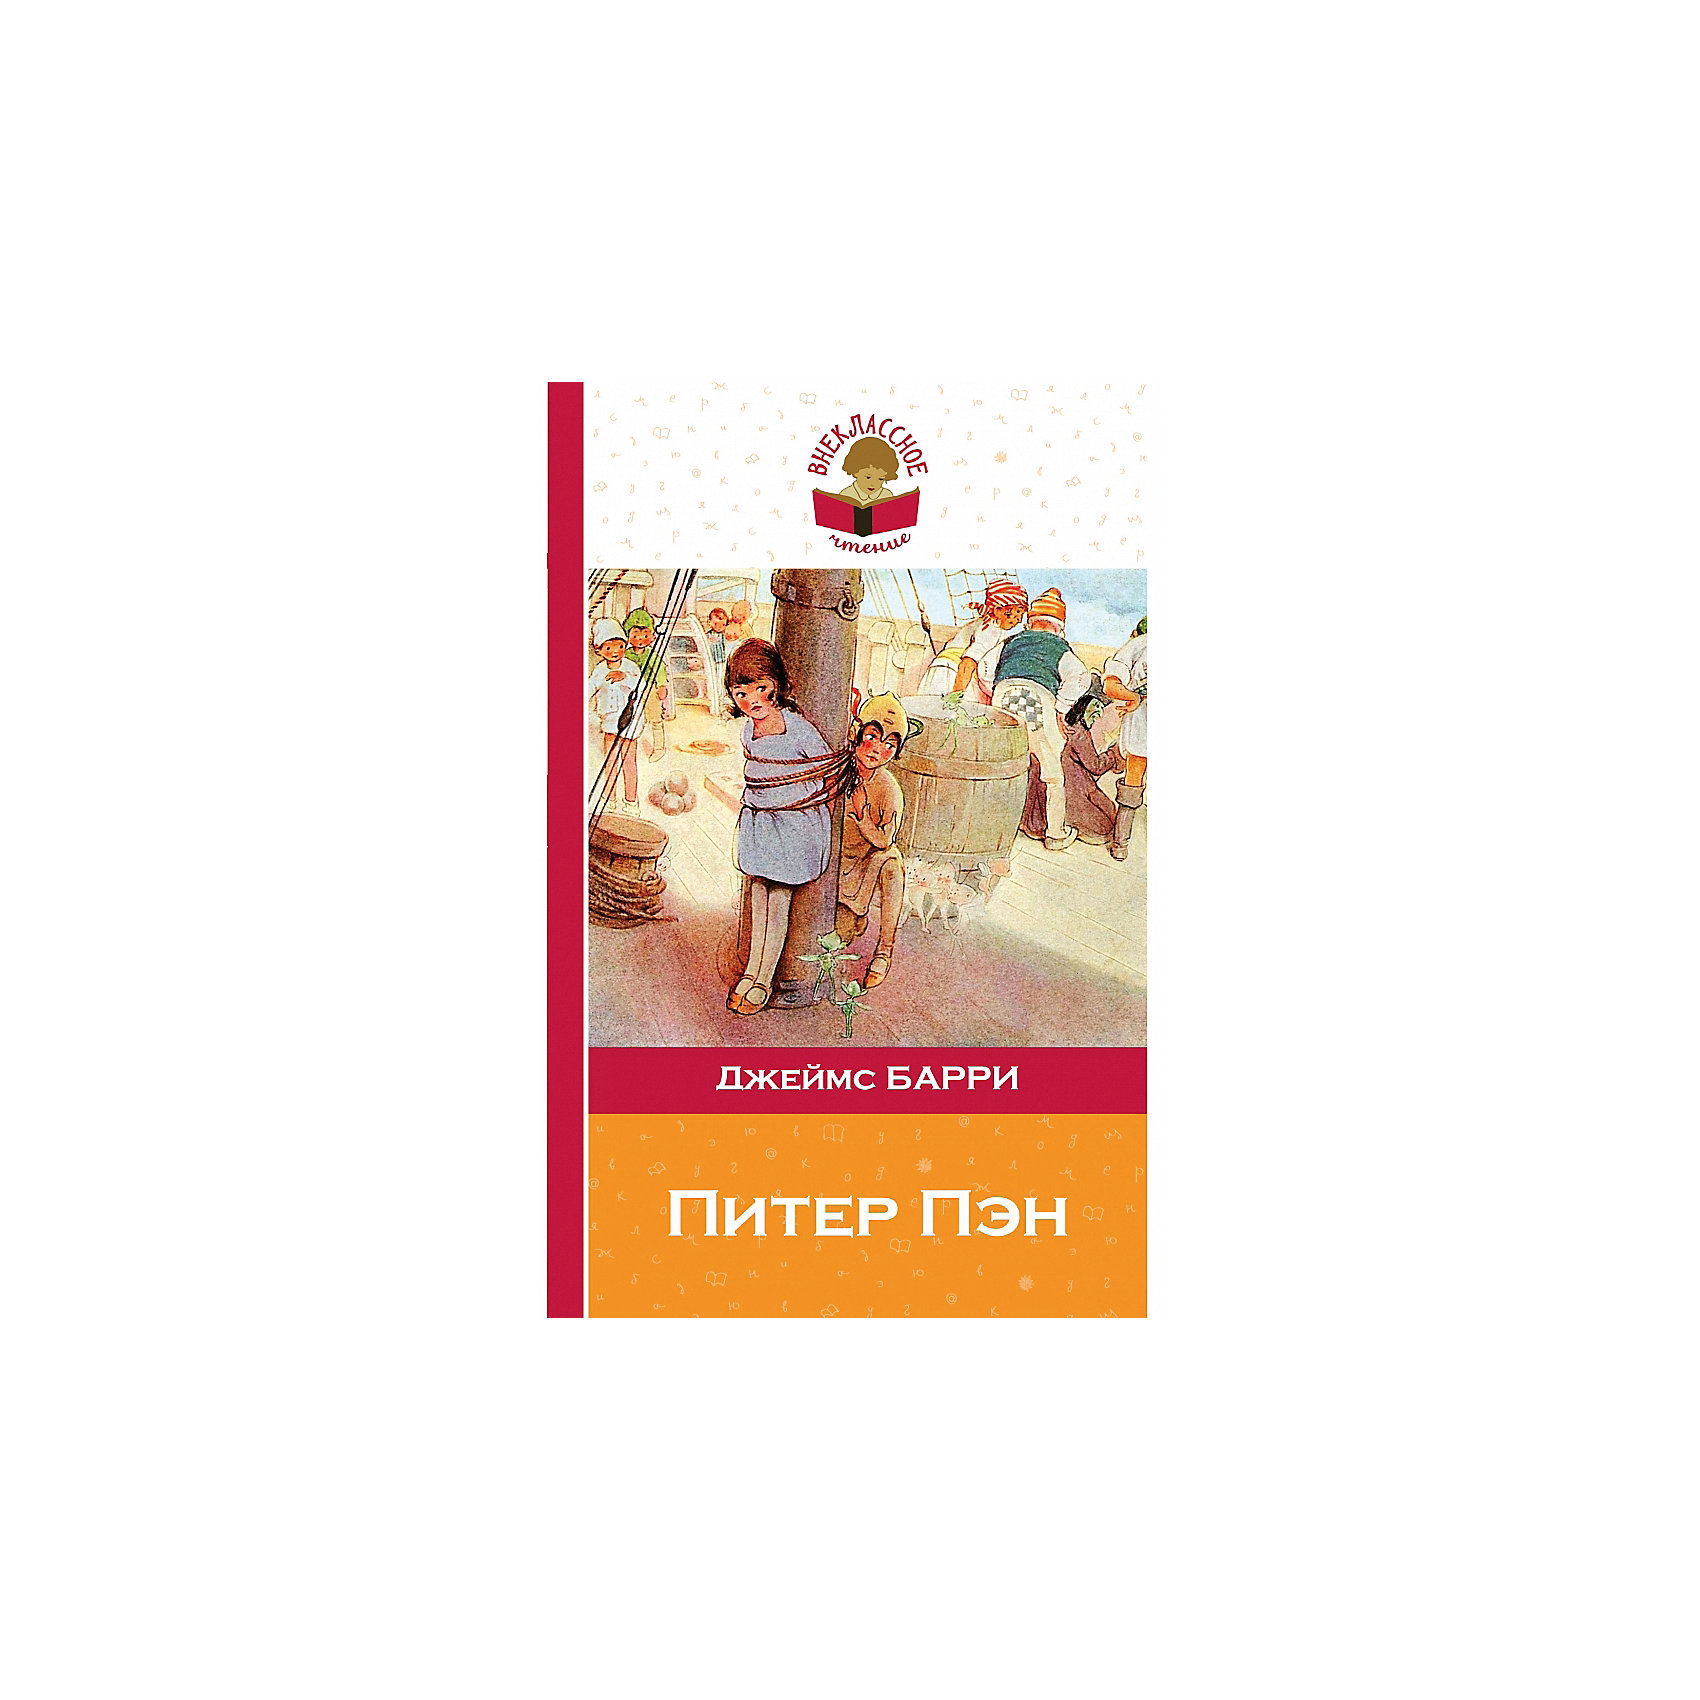 Питер Пэн, Д. БарриЗарубежные сказки<br>Внеклассное чтение – это важная часть школьного образования  и отнестись к нему стоит серьезно! Чтение не просто развивает ребенка, оно обогащает его внутренний мир, позволяет расти умным, творческим, успешным. Сказочная повесть Джеймса Барри Питер Пэн рекомендована к прочтению в 6 классе.<br>Сказочная повесть Джеймса Барри Питер Пэн рекомендована к прочтению в 6 классе.<br><br>Ширина мм: 200<br>Глубина мм: 125<br>Высота мм: 180<br>Вес г: 222<br>Возраст от месяцев: 144<br>Возраст до месяцев: 2147483647<br>Пол: Унисекс<br>Возраст: Детский<br>SKU: 5535433